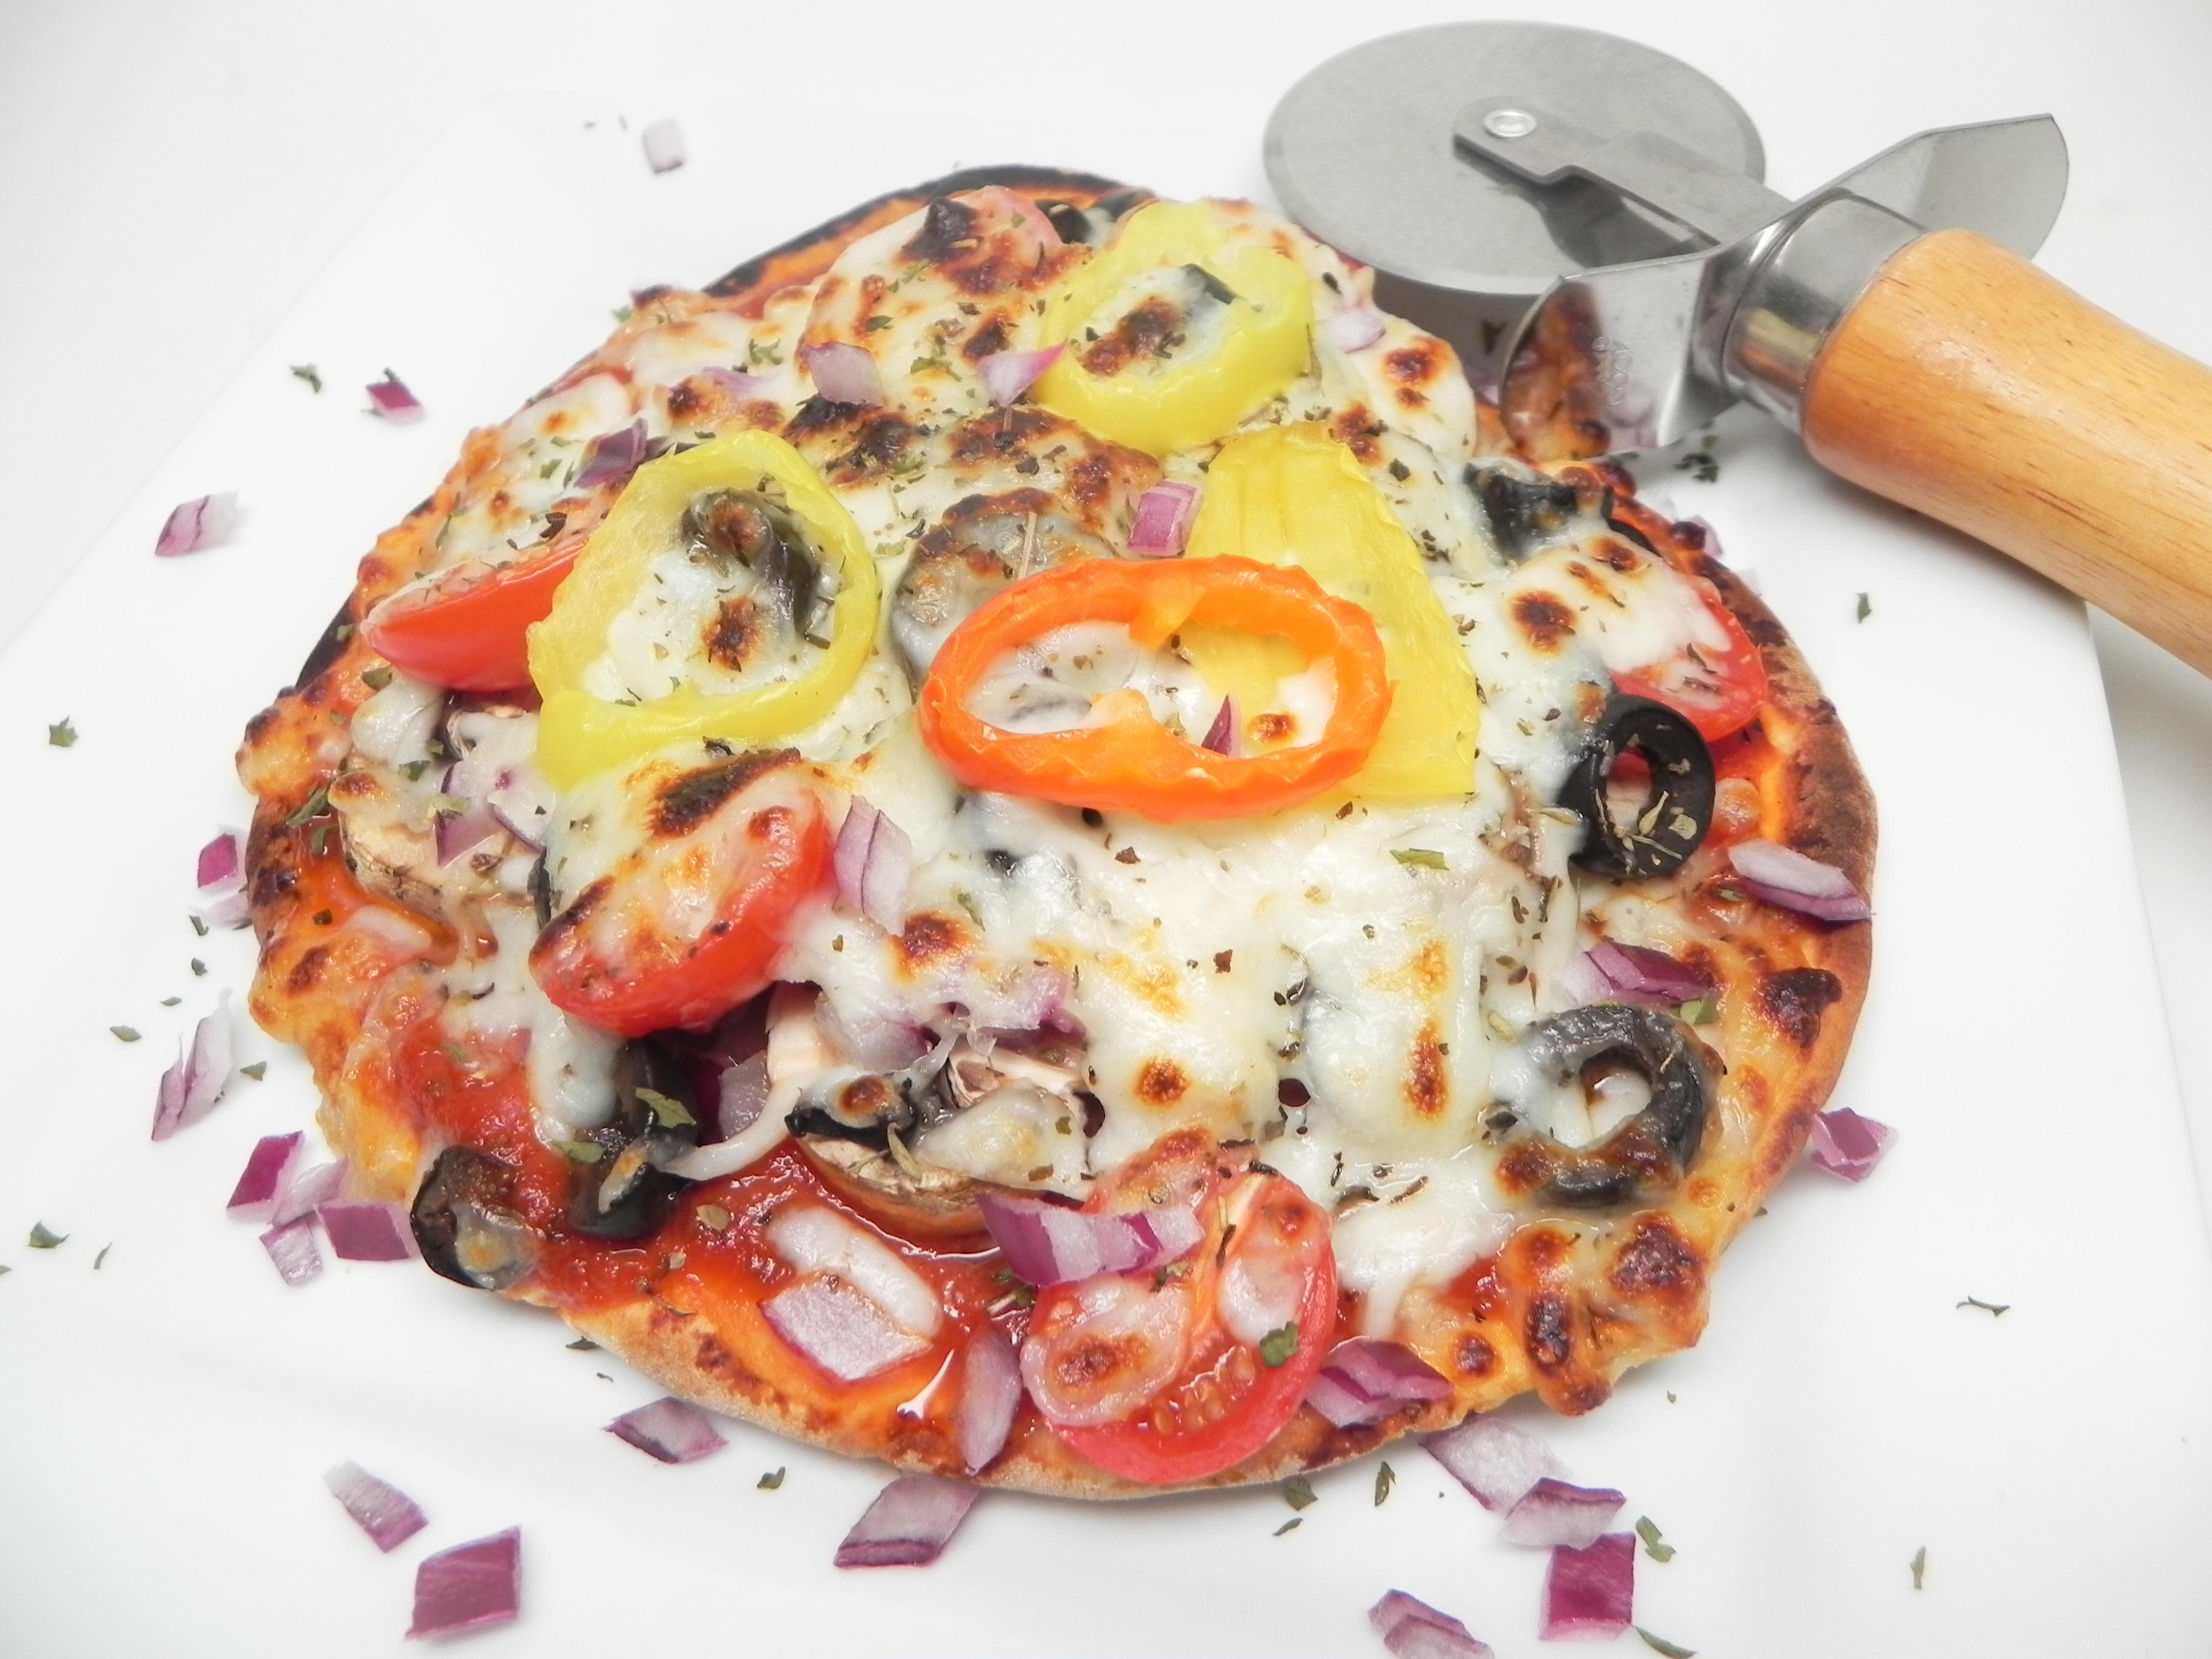 Ferah's Lavash Pizzas